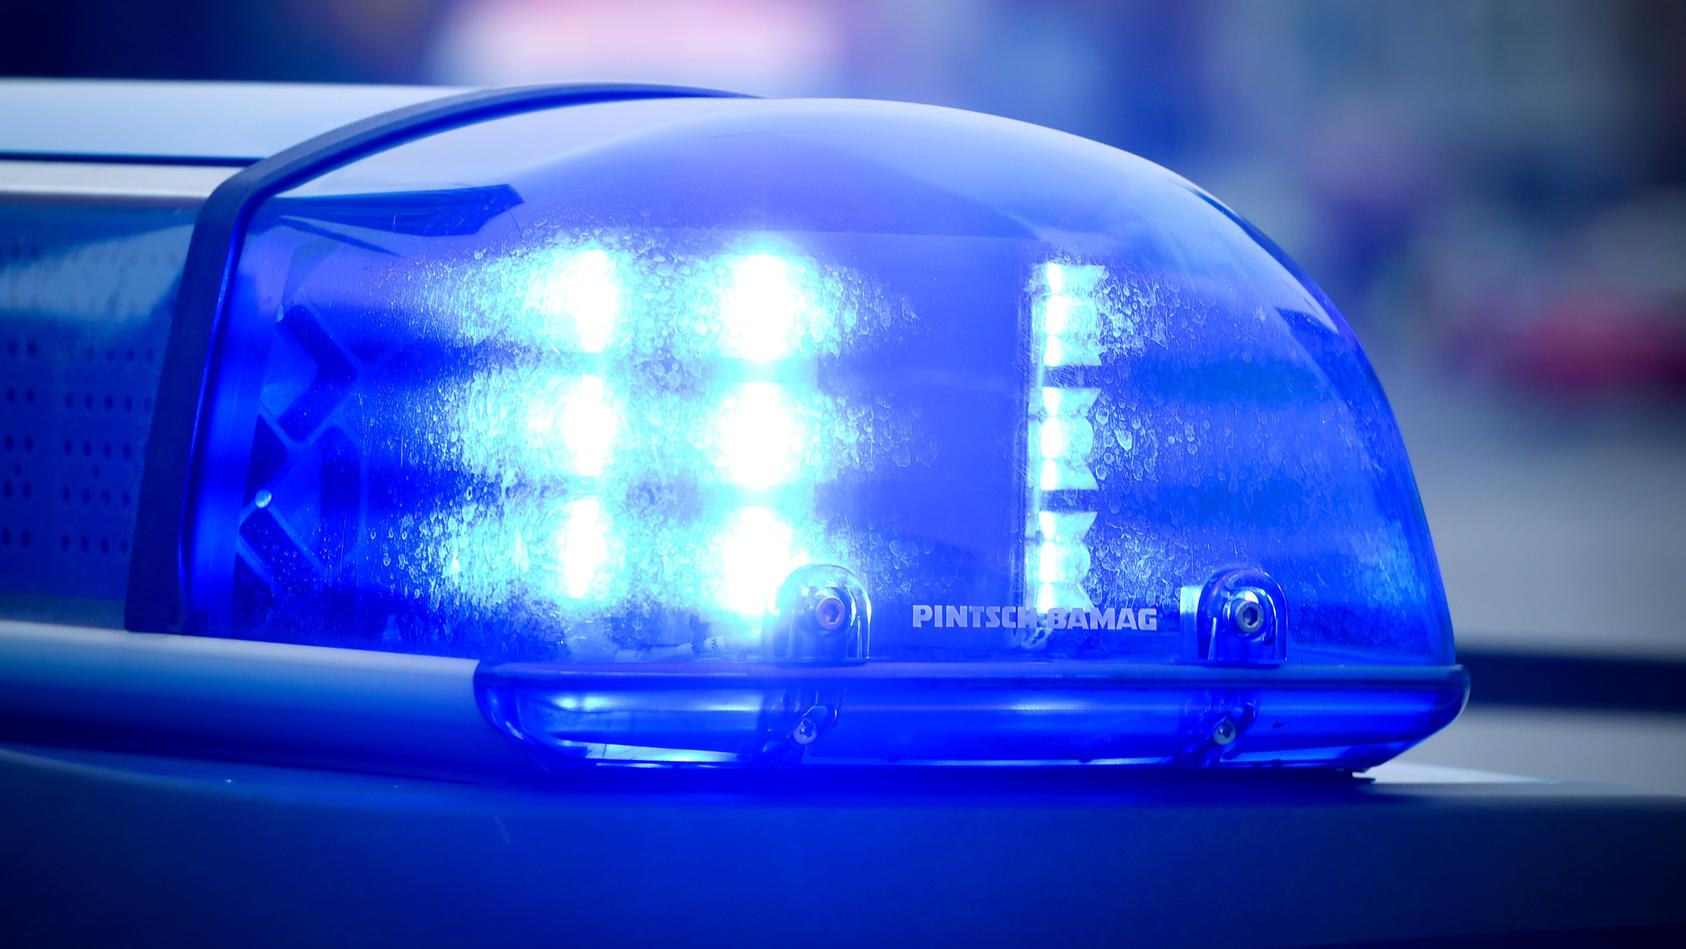 14-Jähriger verpasst Polizist Faustschlag